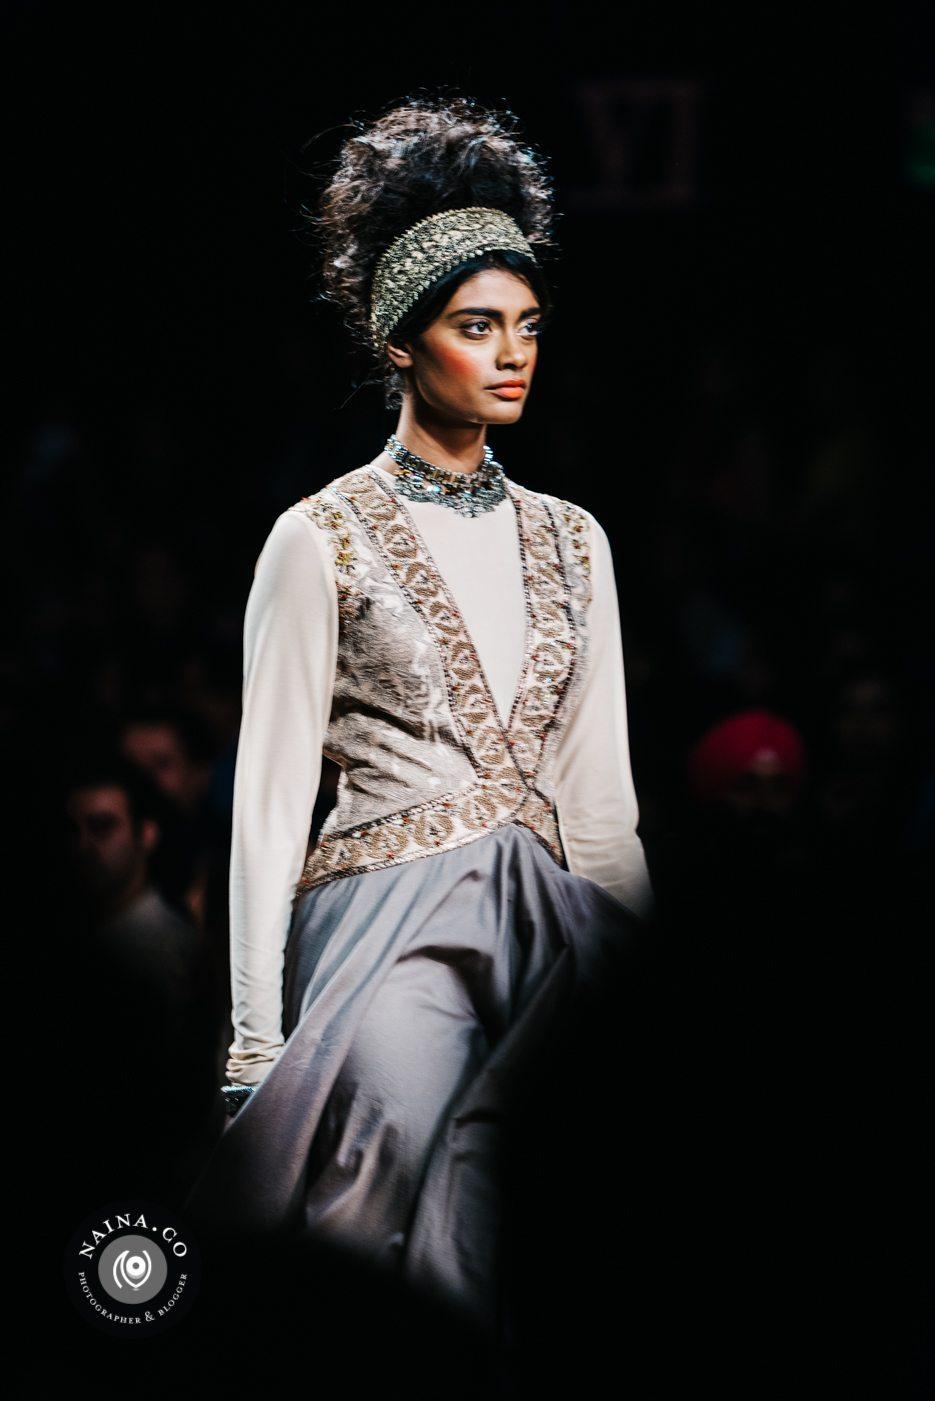 Naina.co-Raconteuse-Visuelle-Photographer-Blogger-Storyteller-Luxury-Lifestyle-AIFWAW15-JJ-Valaya